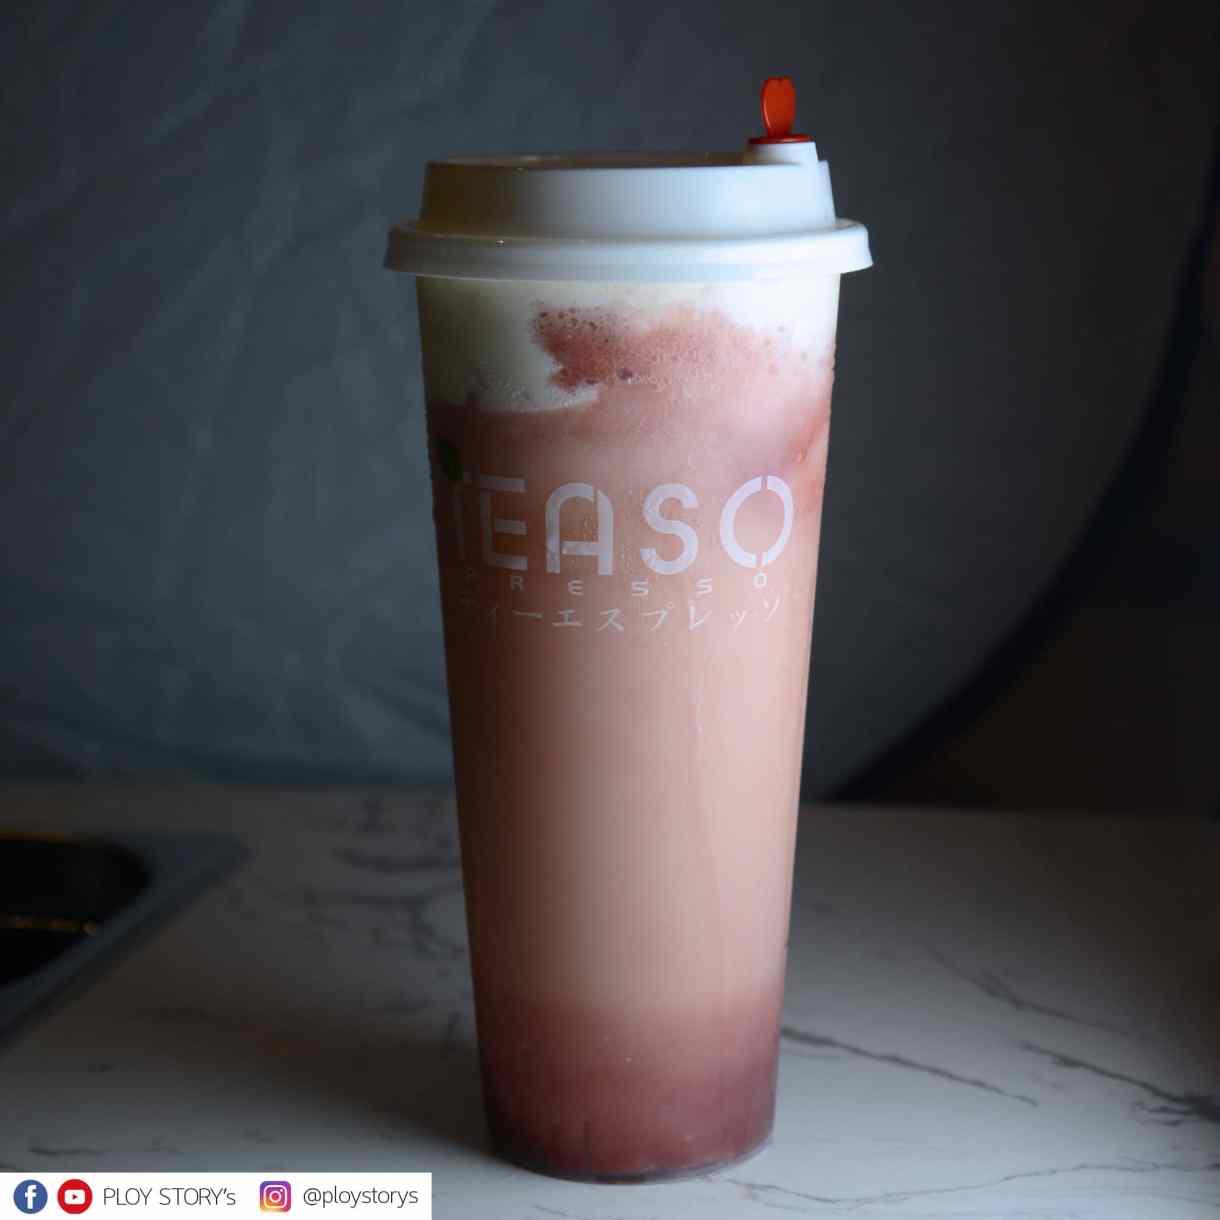 - 15 - รีวิวร้านชา TEASO สวรรค์ของคนรักชา ต้นตำรับจากฮ่องกง คนลดน้ำหนักกินได้แบบไม่รู้สึกผิด